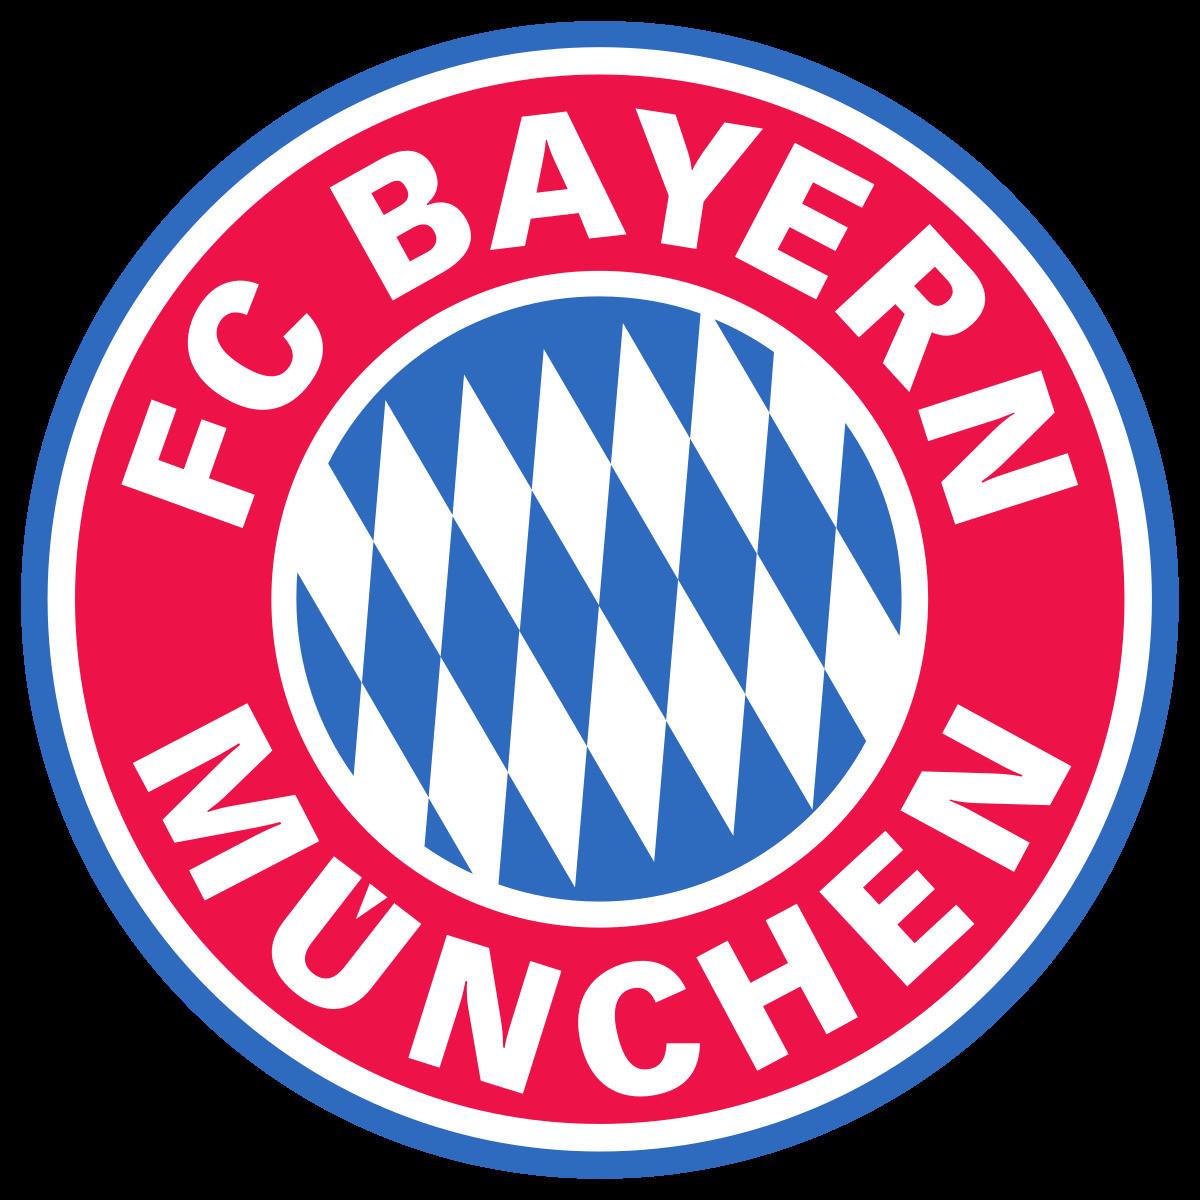 Fc Bayern Ausmalbilder Inspirierend Fußball Club Bayern München Frisch Ausmalbilder Fc Bayern München Bild